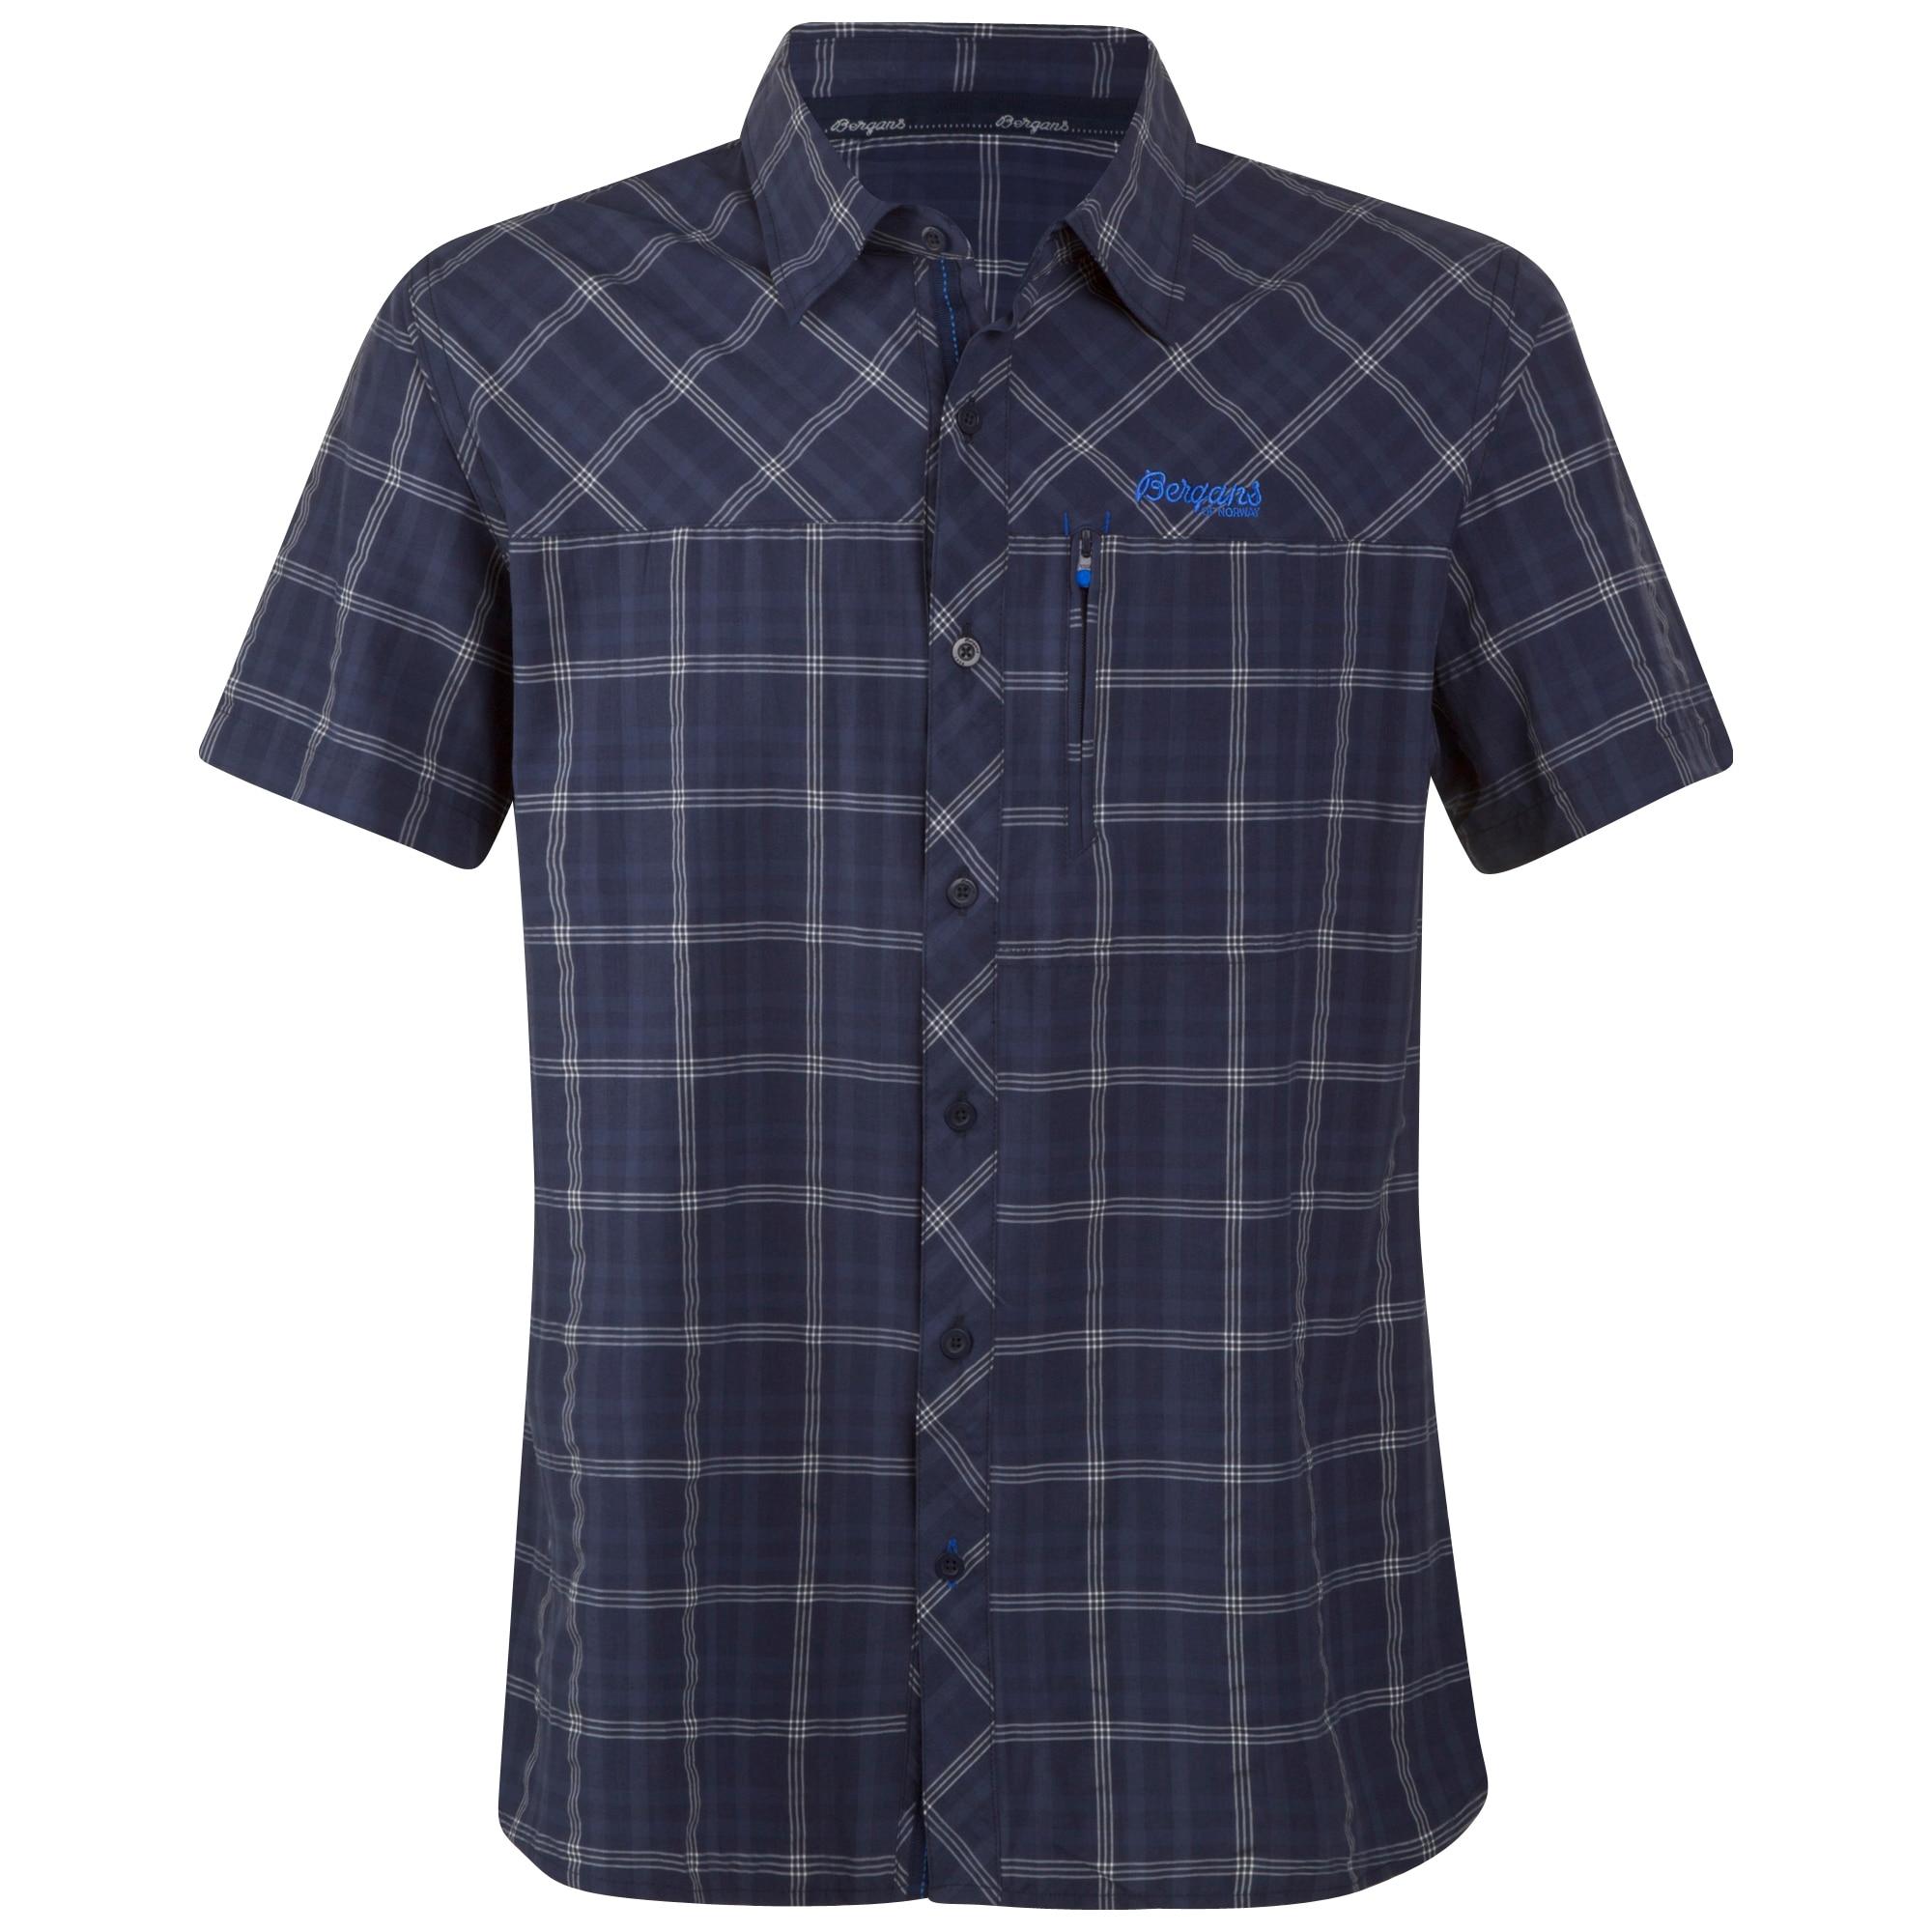 Langli Shirt Short Sleeves